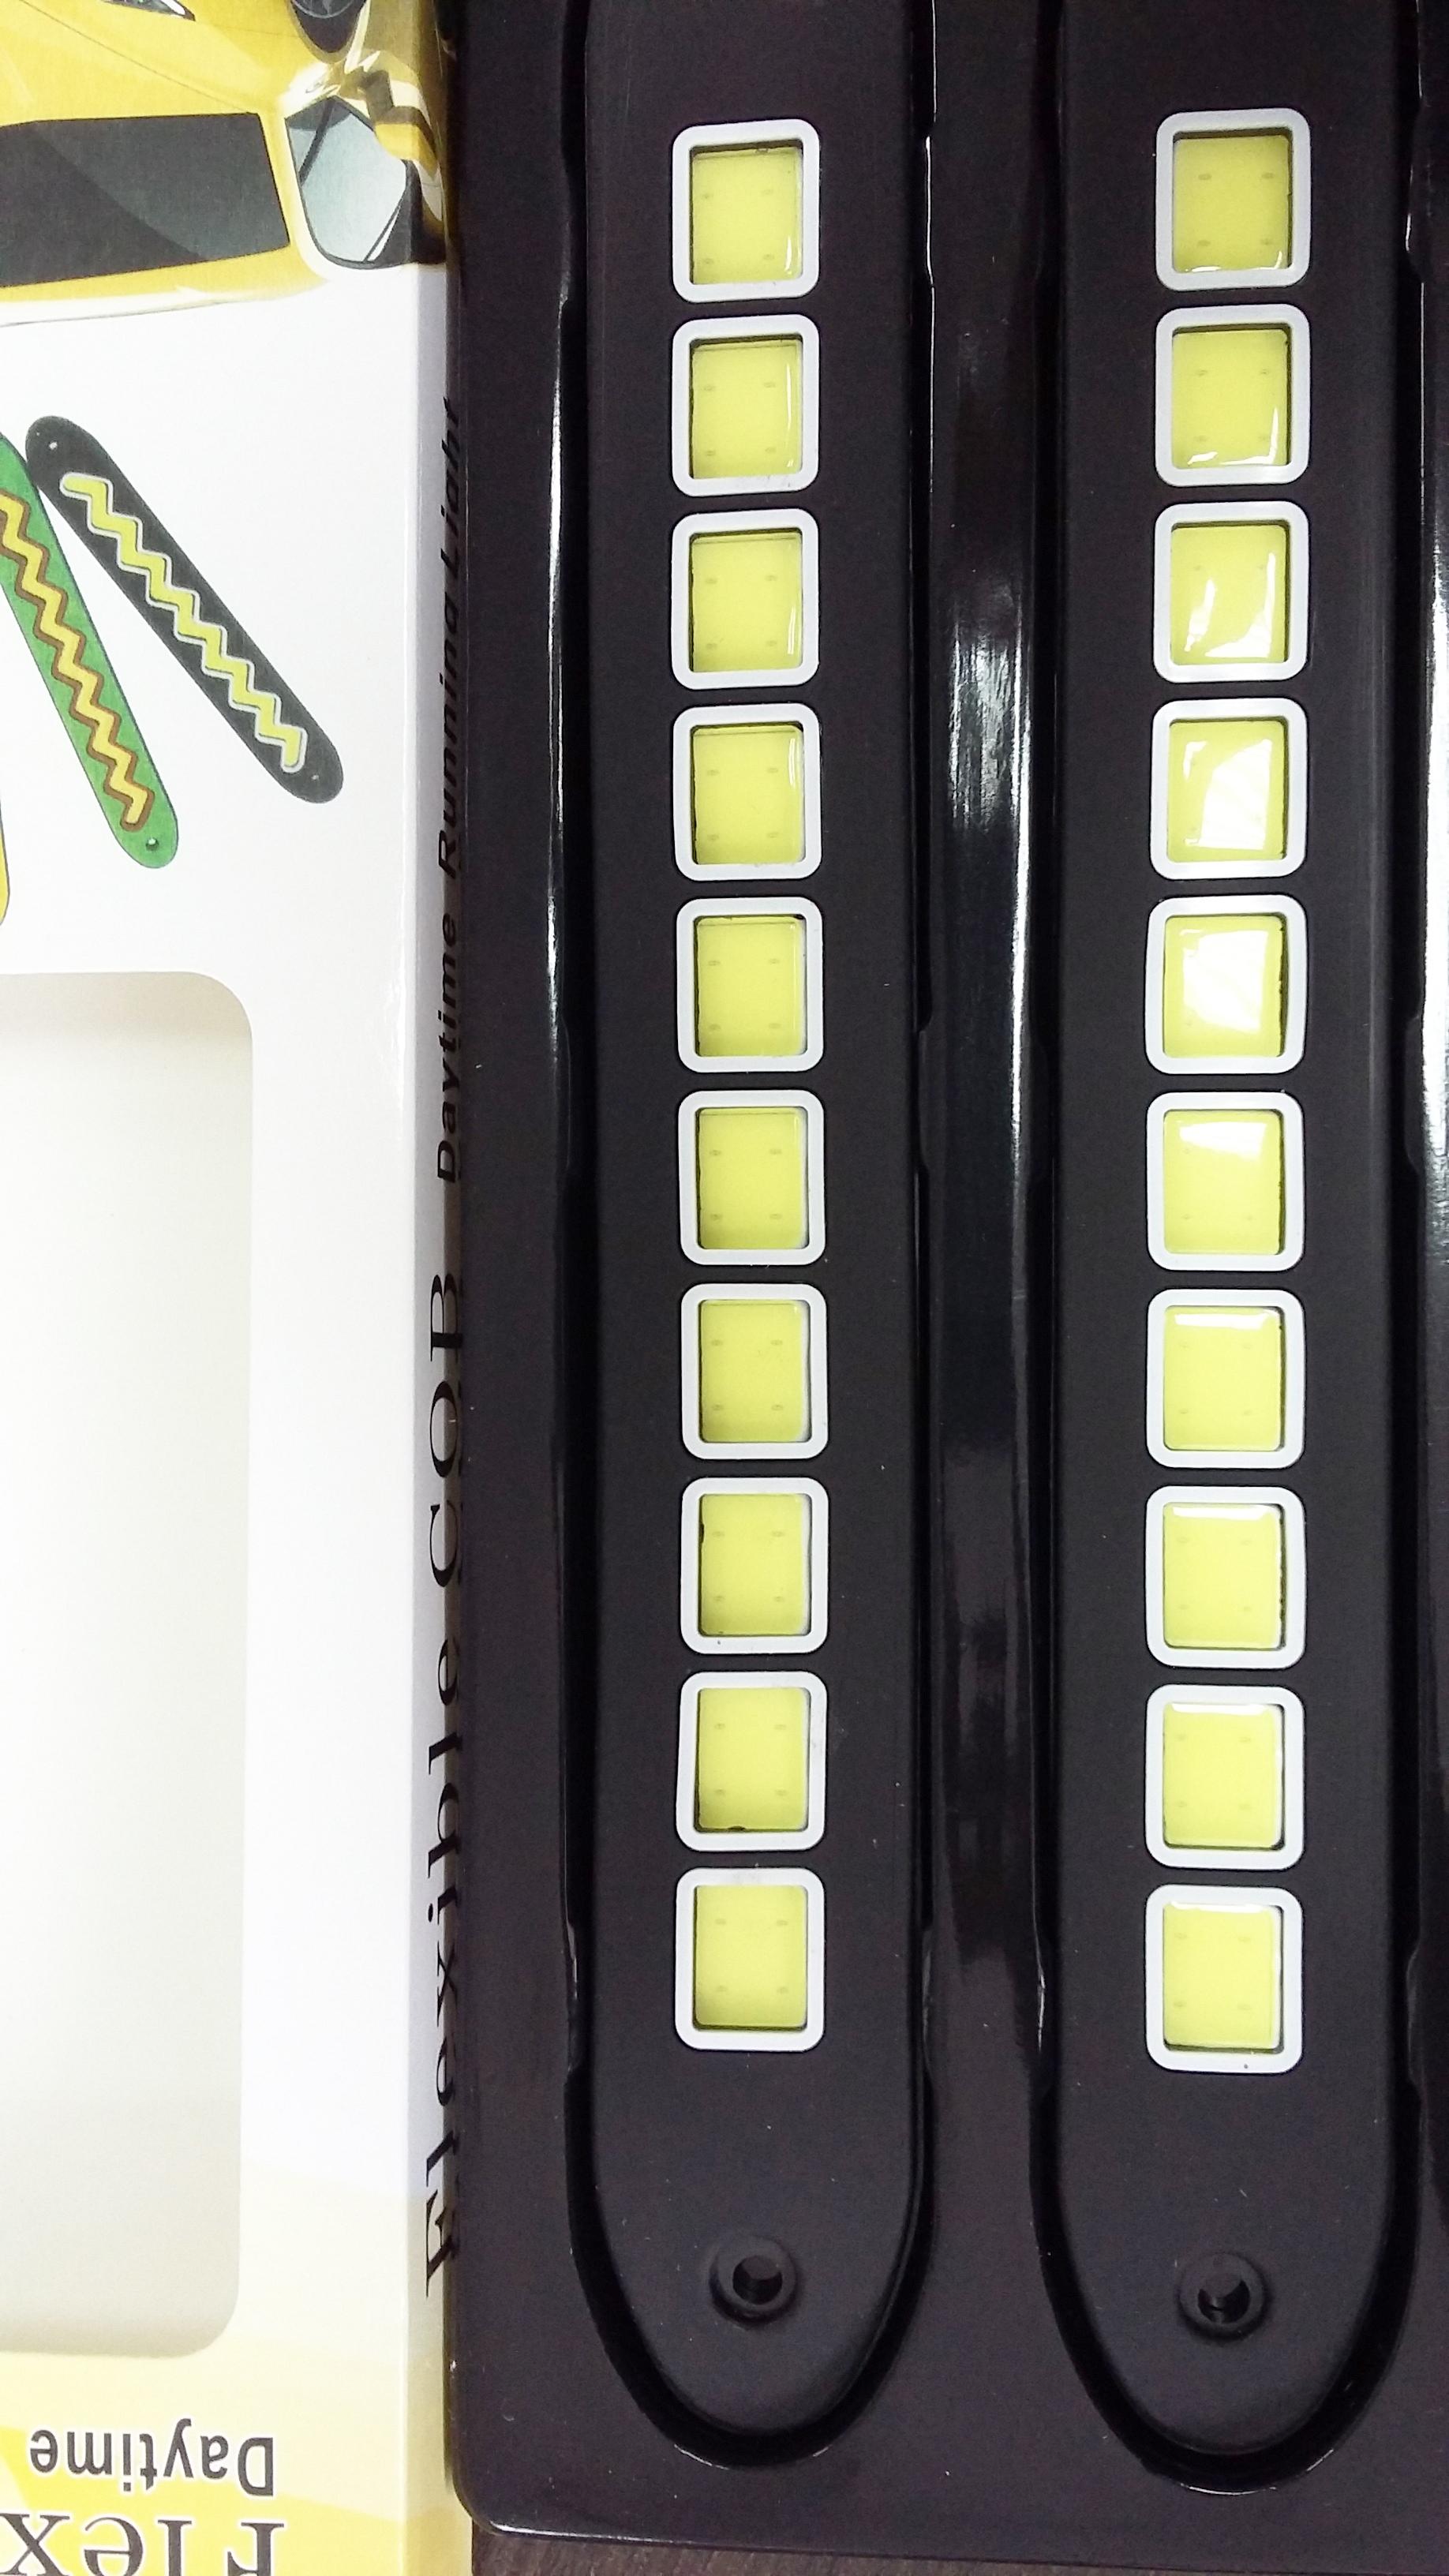 Дневные ходовые огни  LED Гибкие  (10квадратов)